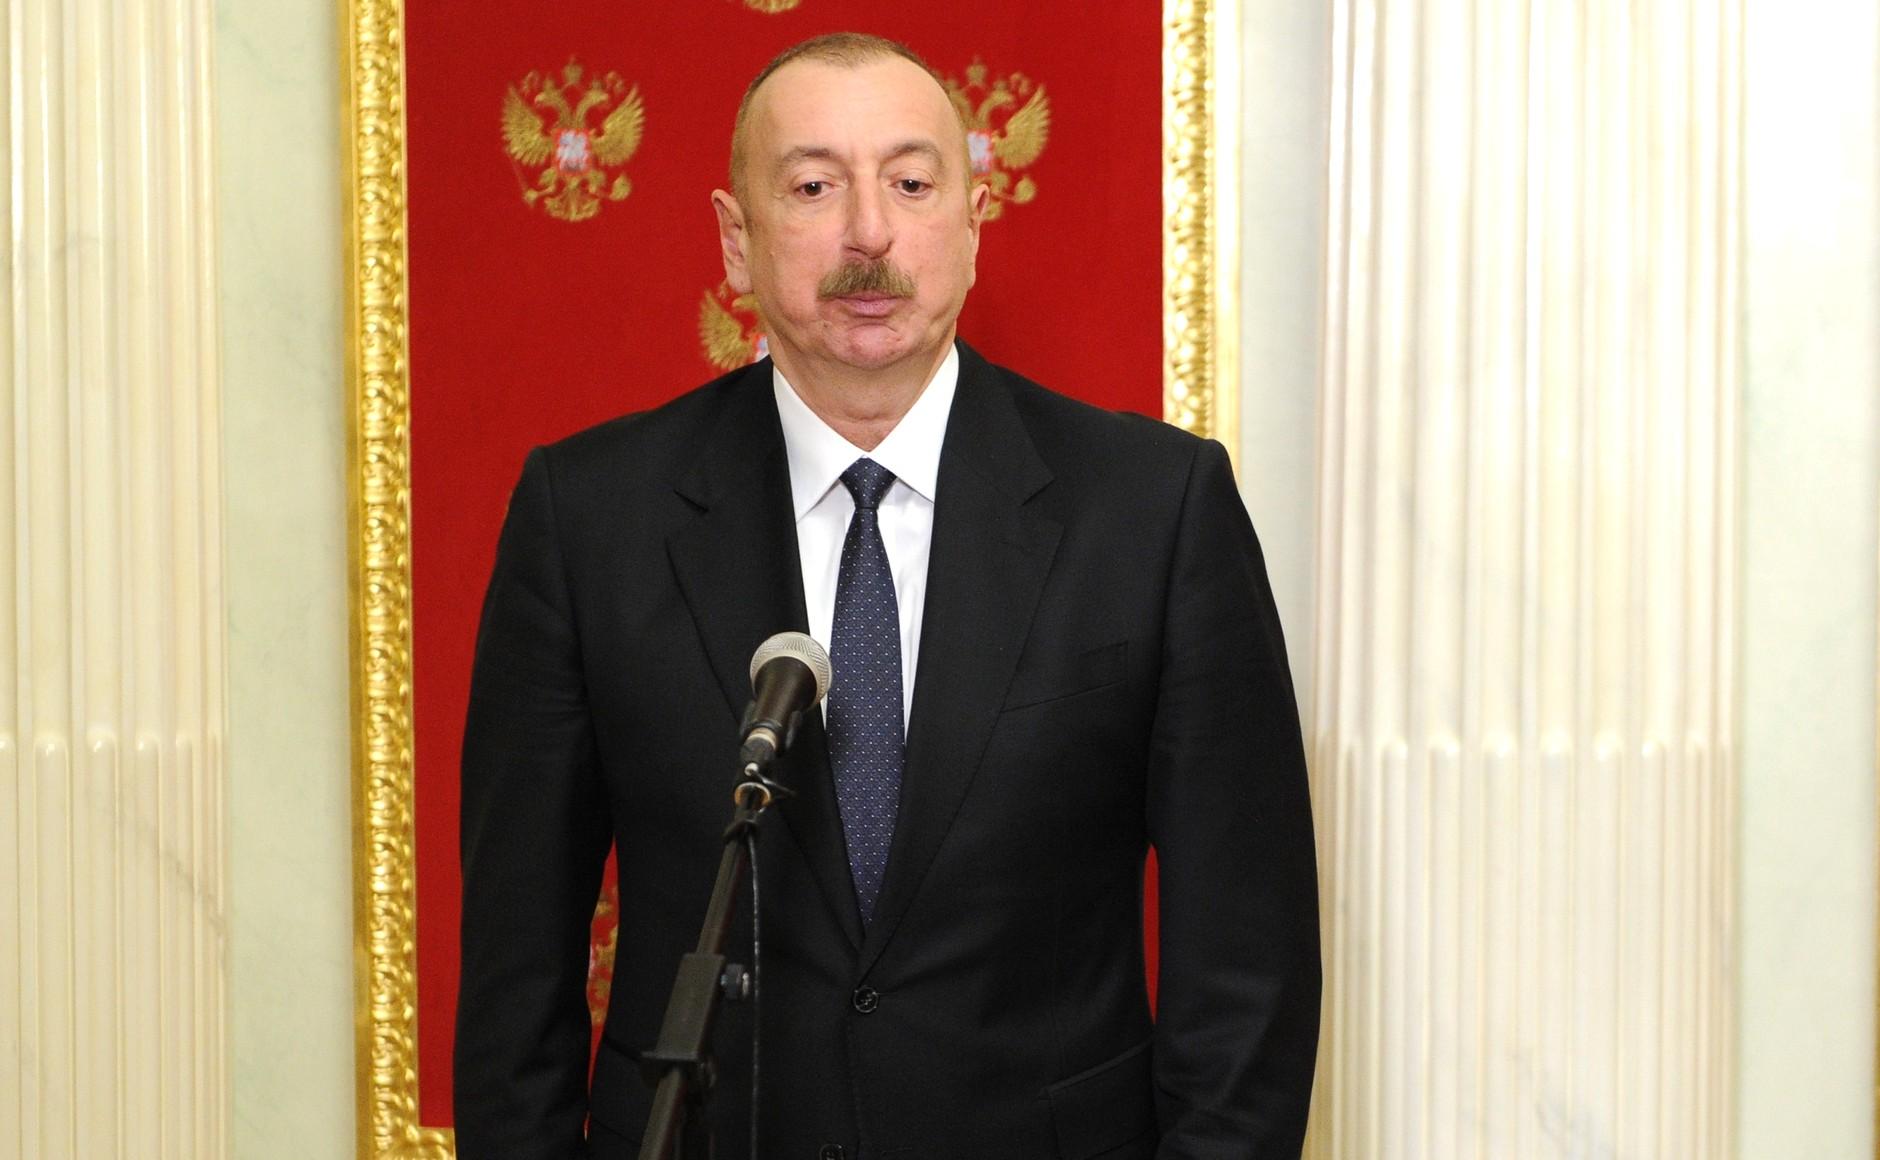 PH 4 SUR 5 Communiqués de presse à l'issue des entretiens avec le président azerbaïdjanais Ilham Aliyev et le Premier ministre arménien Nikol Pashinyan - 11 janvier 2021 – 17H50